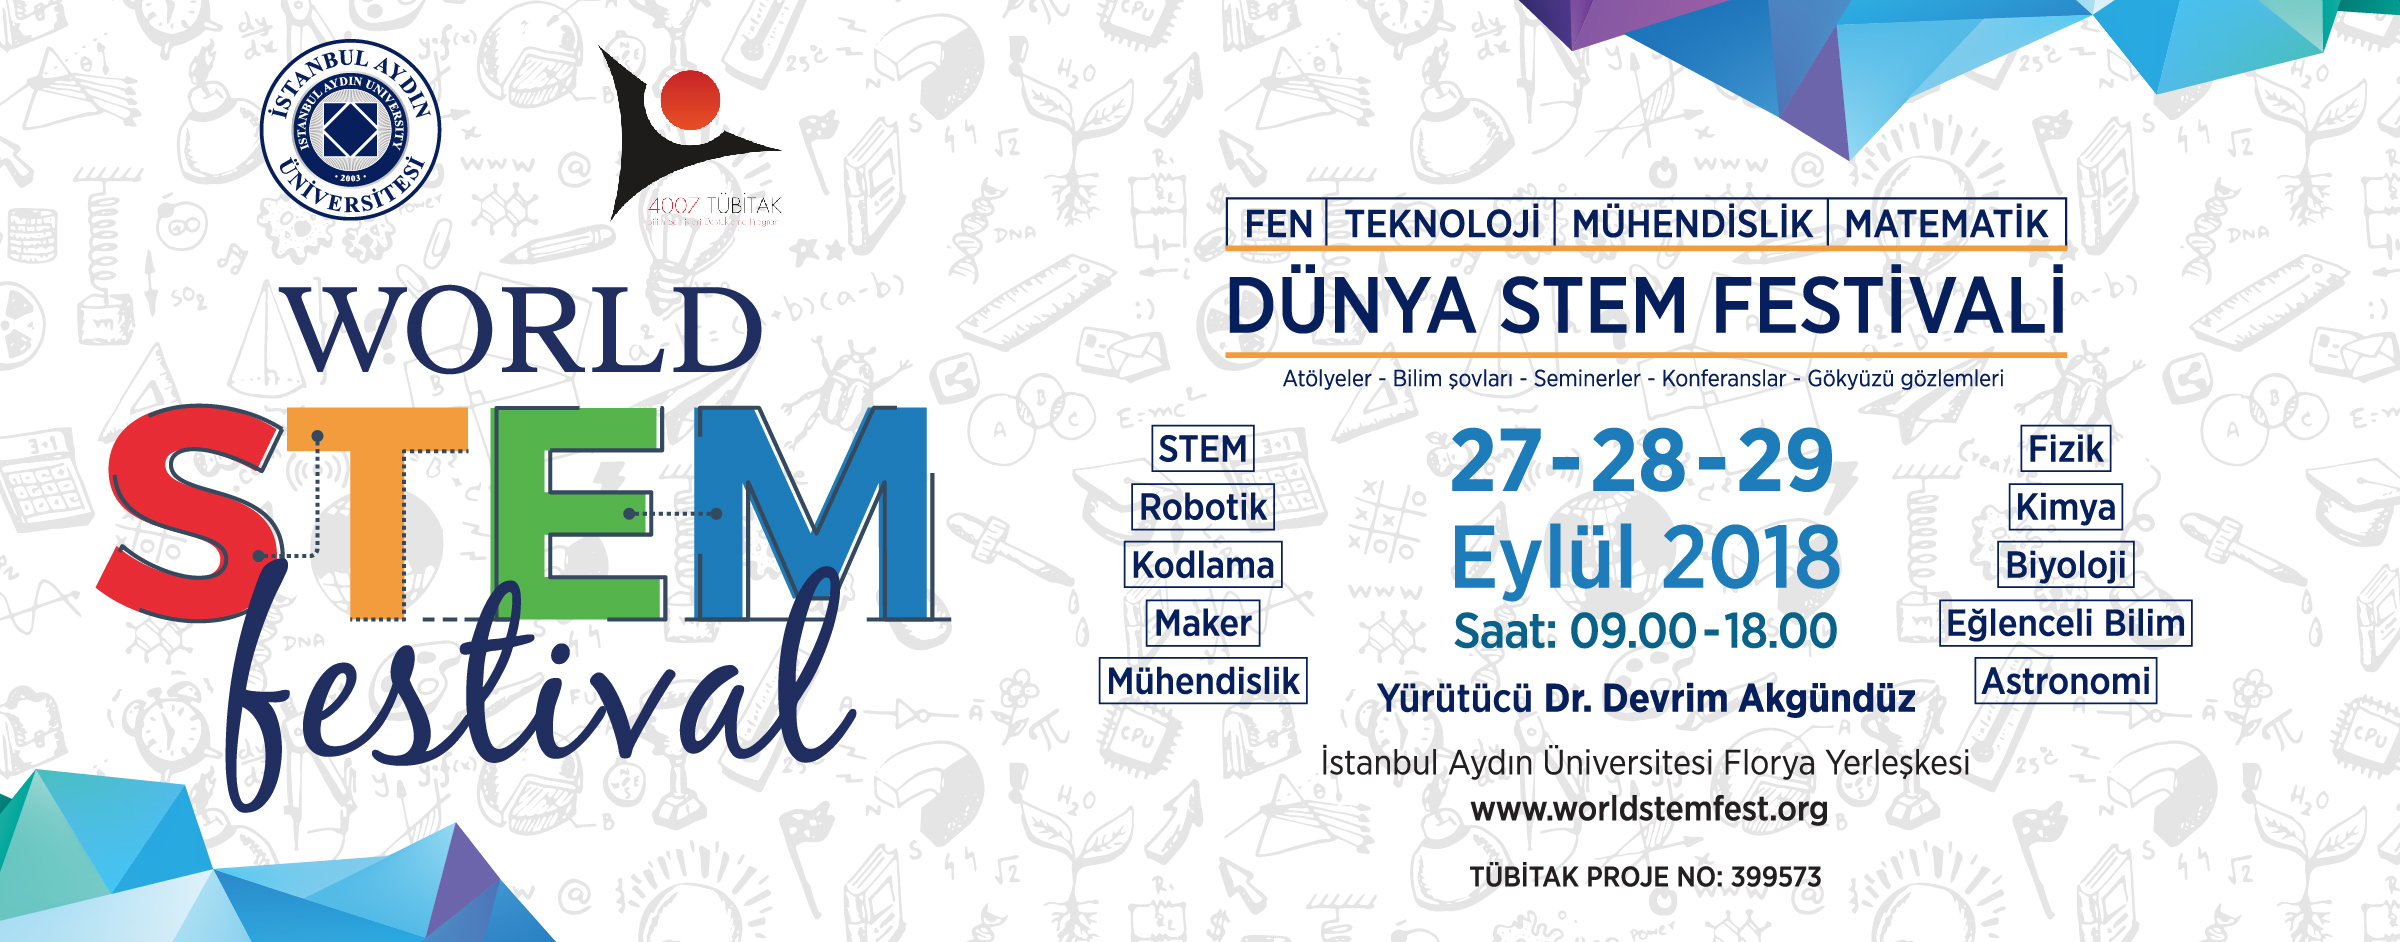 World STEM Festival